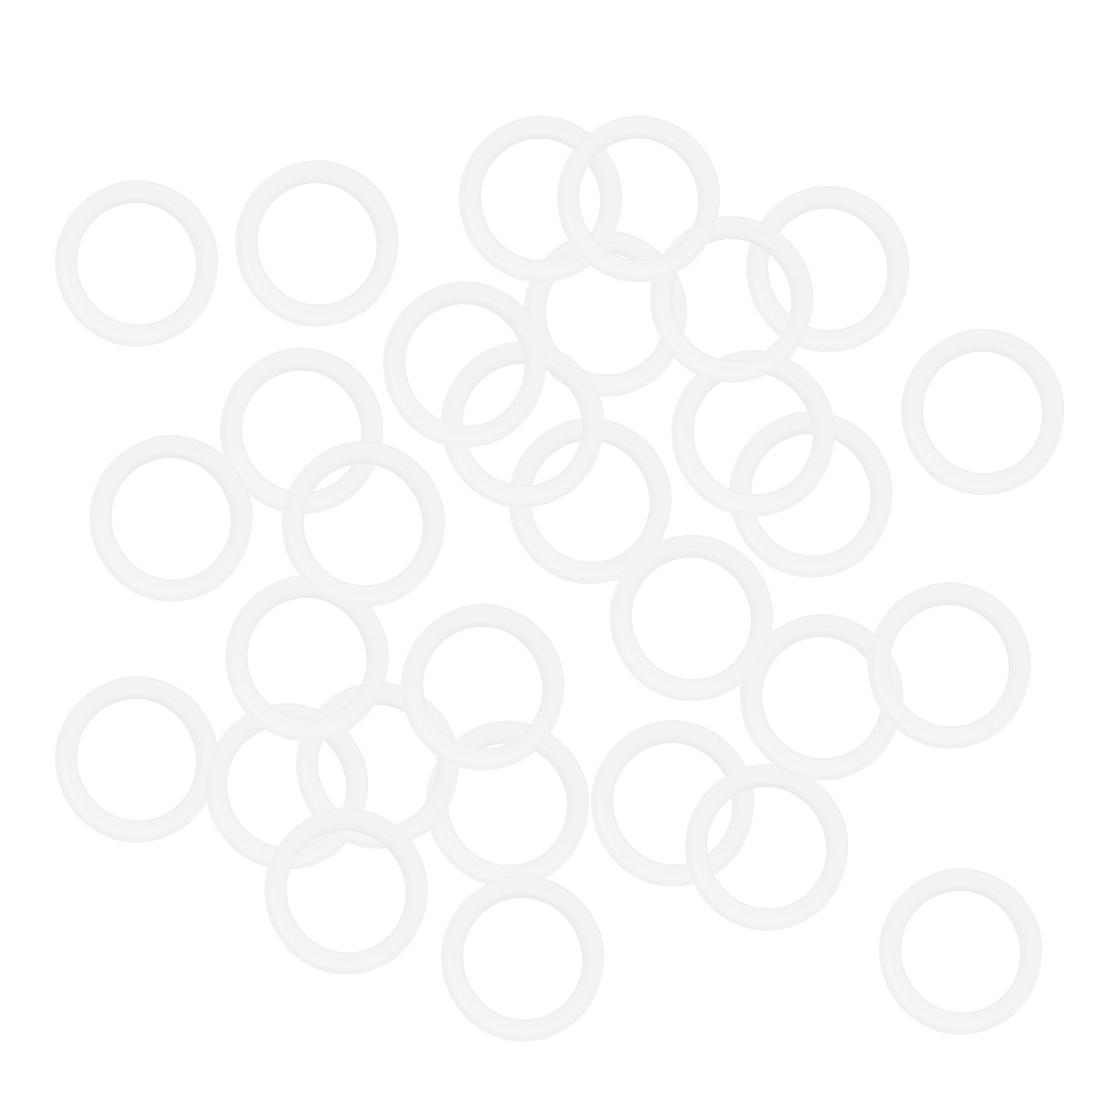 Valve Faucet Bearing Pneumatic Pump Gasket Sealing Ring 11mm x 15mm x 2mm 30 Pcs